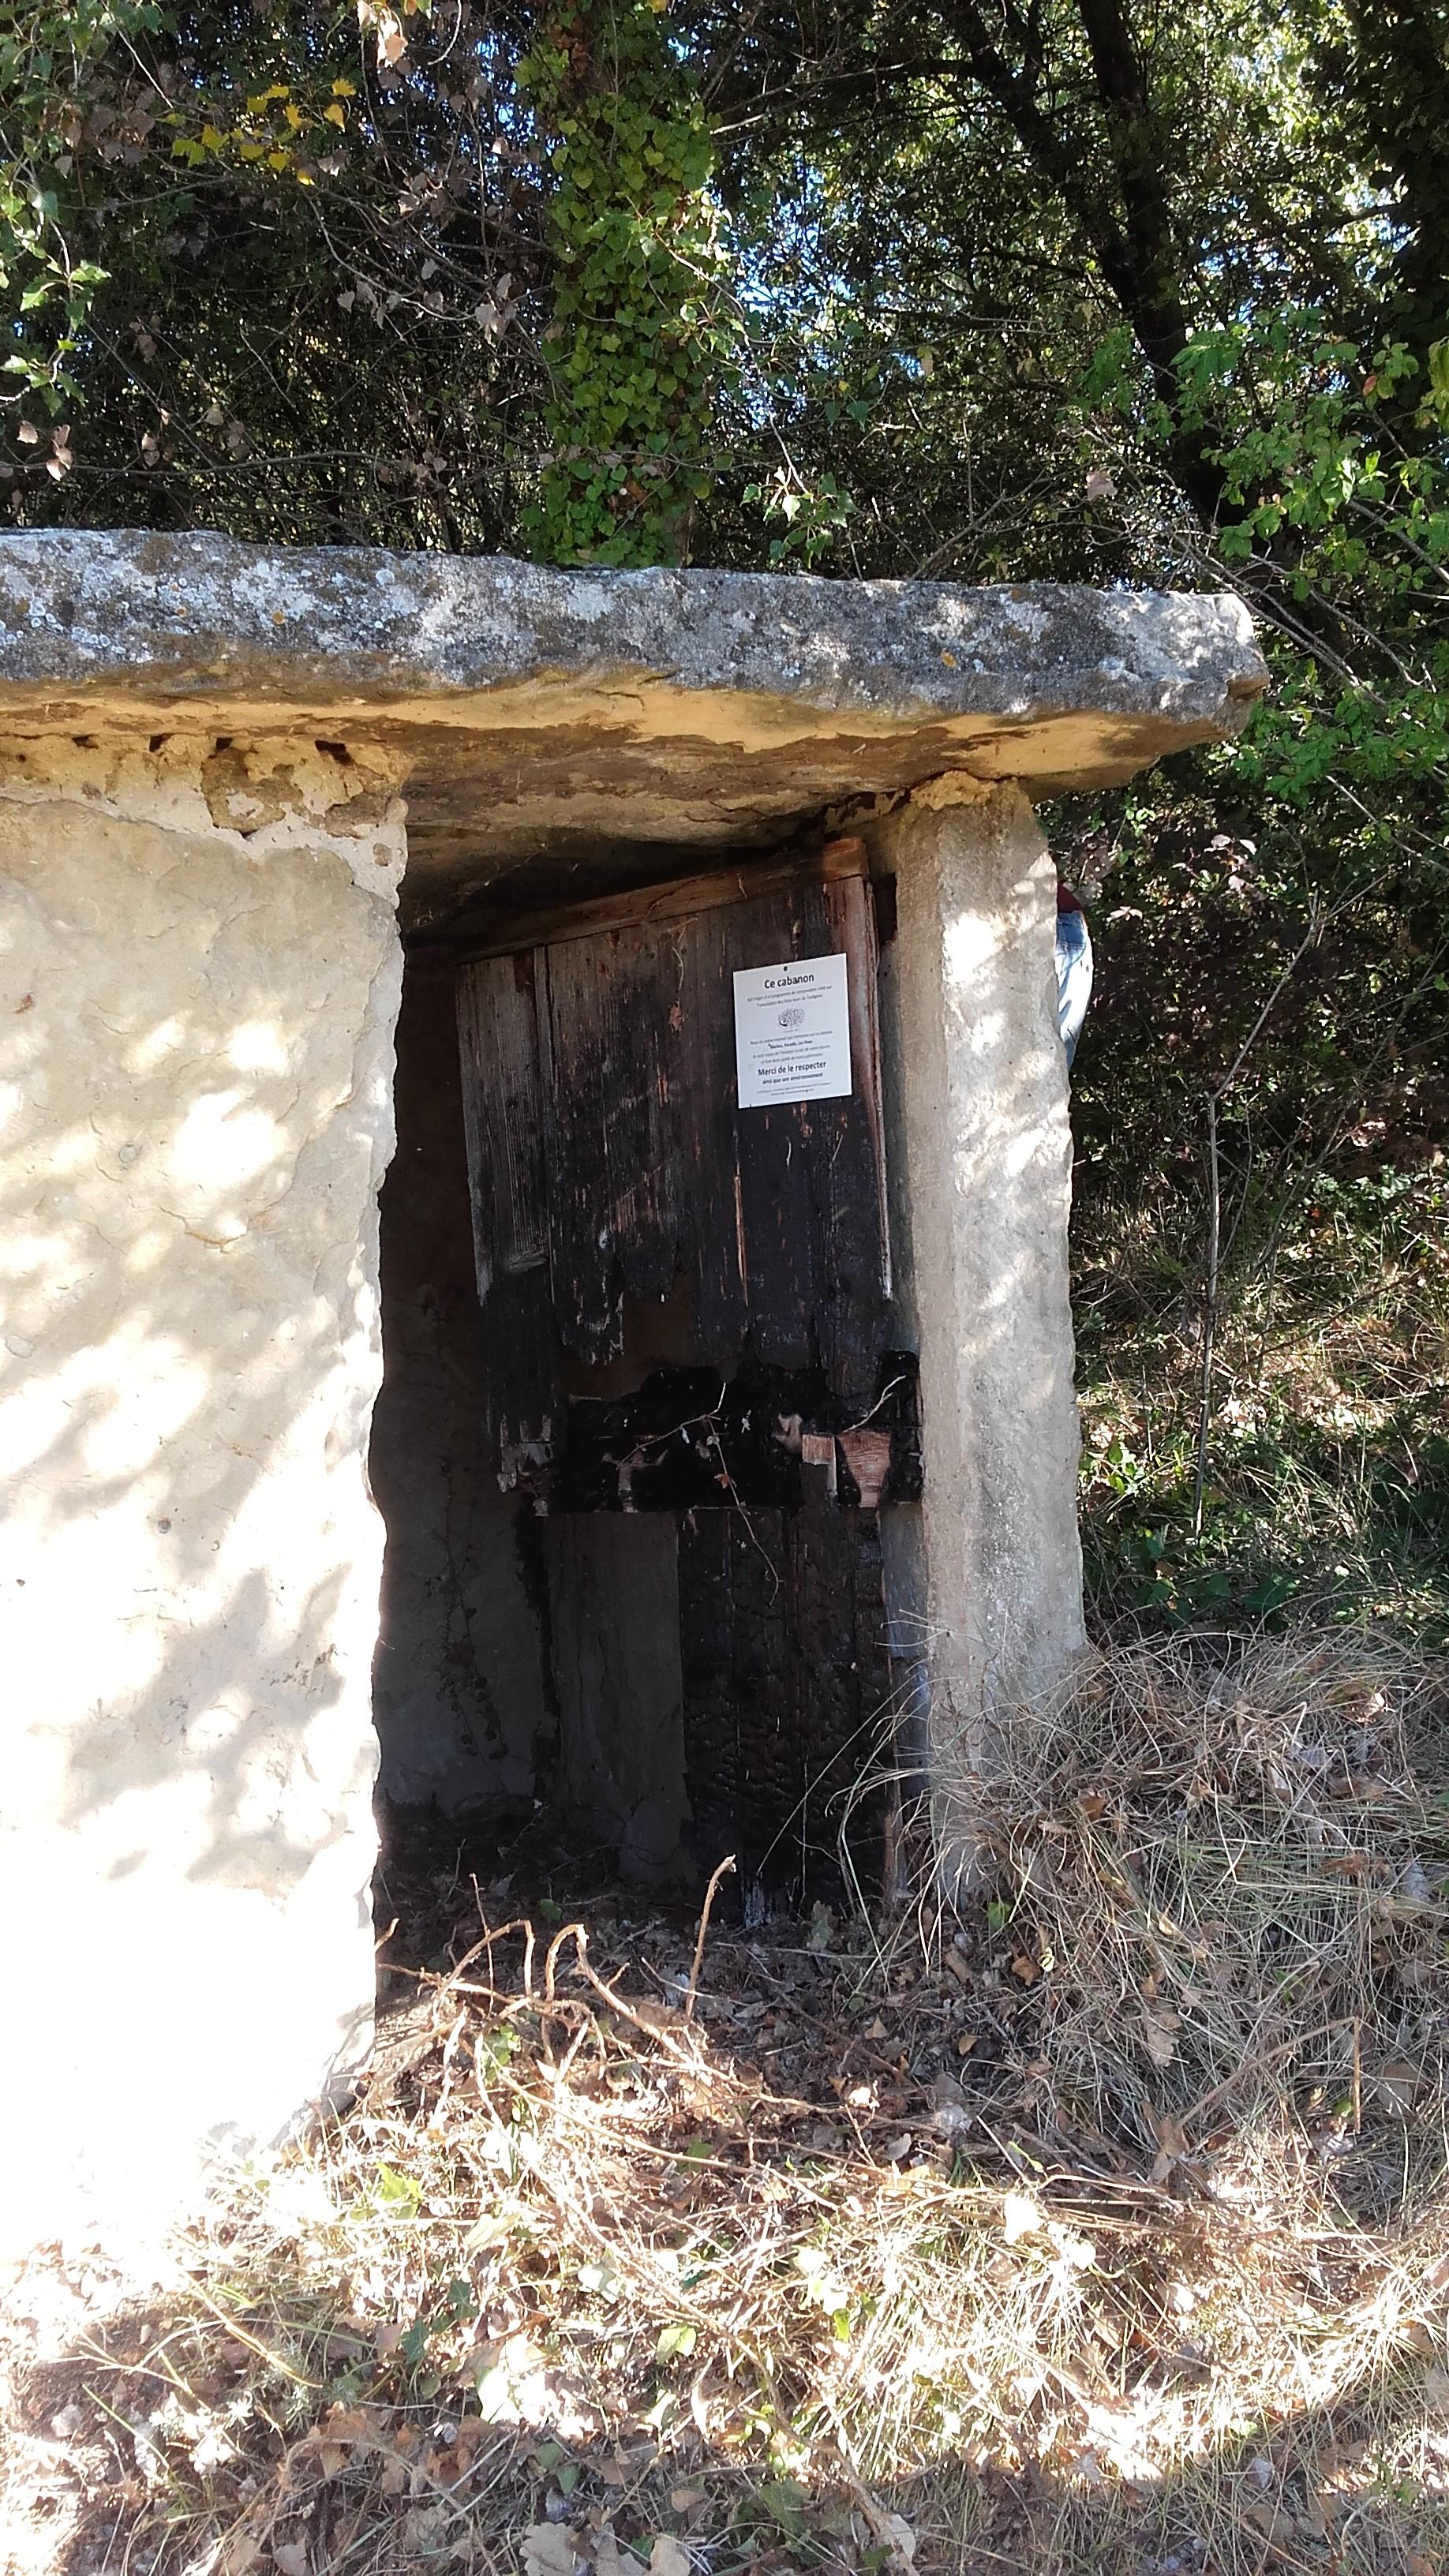 Porte du cabanon en dalles de pierre